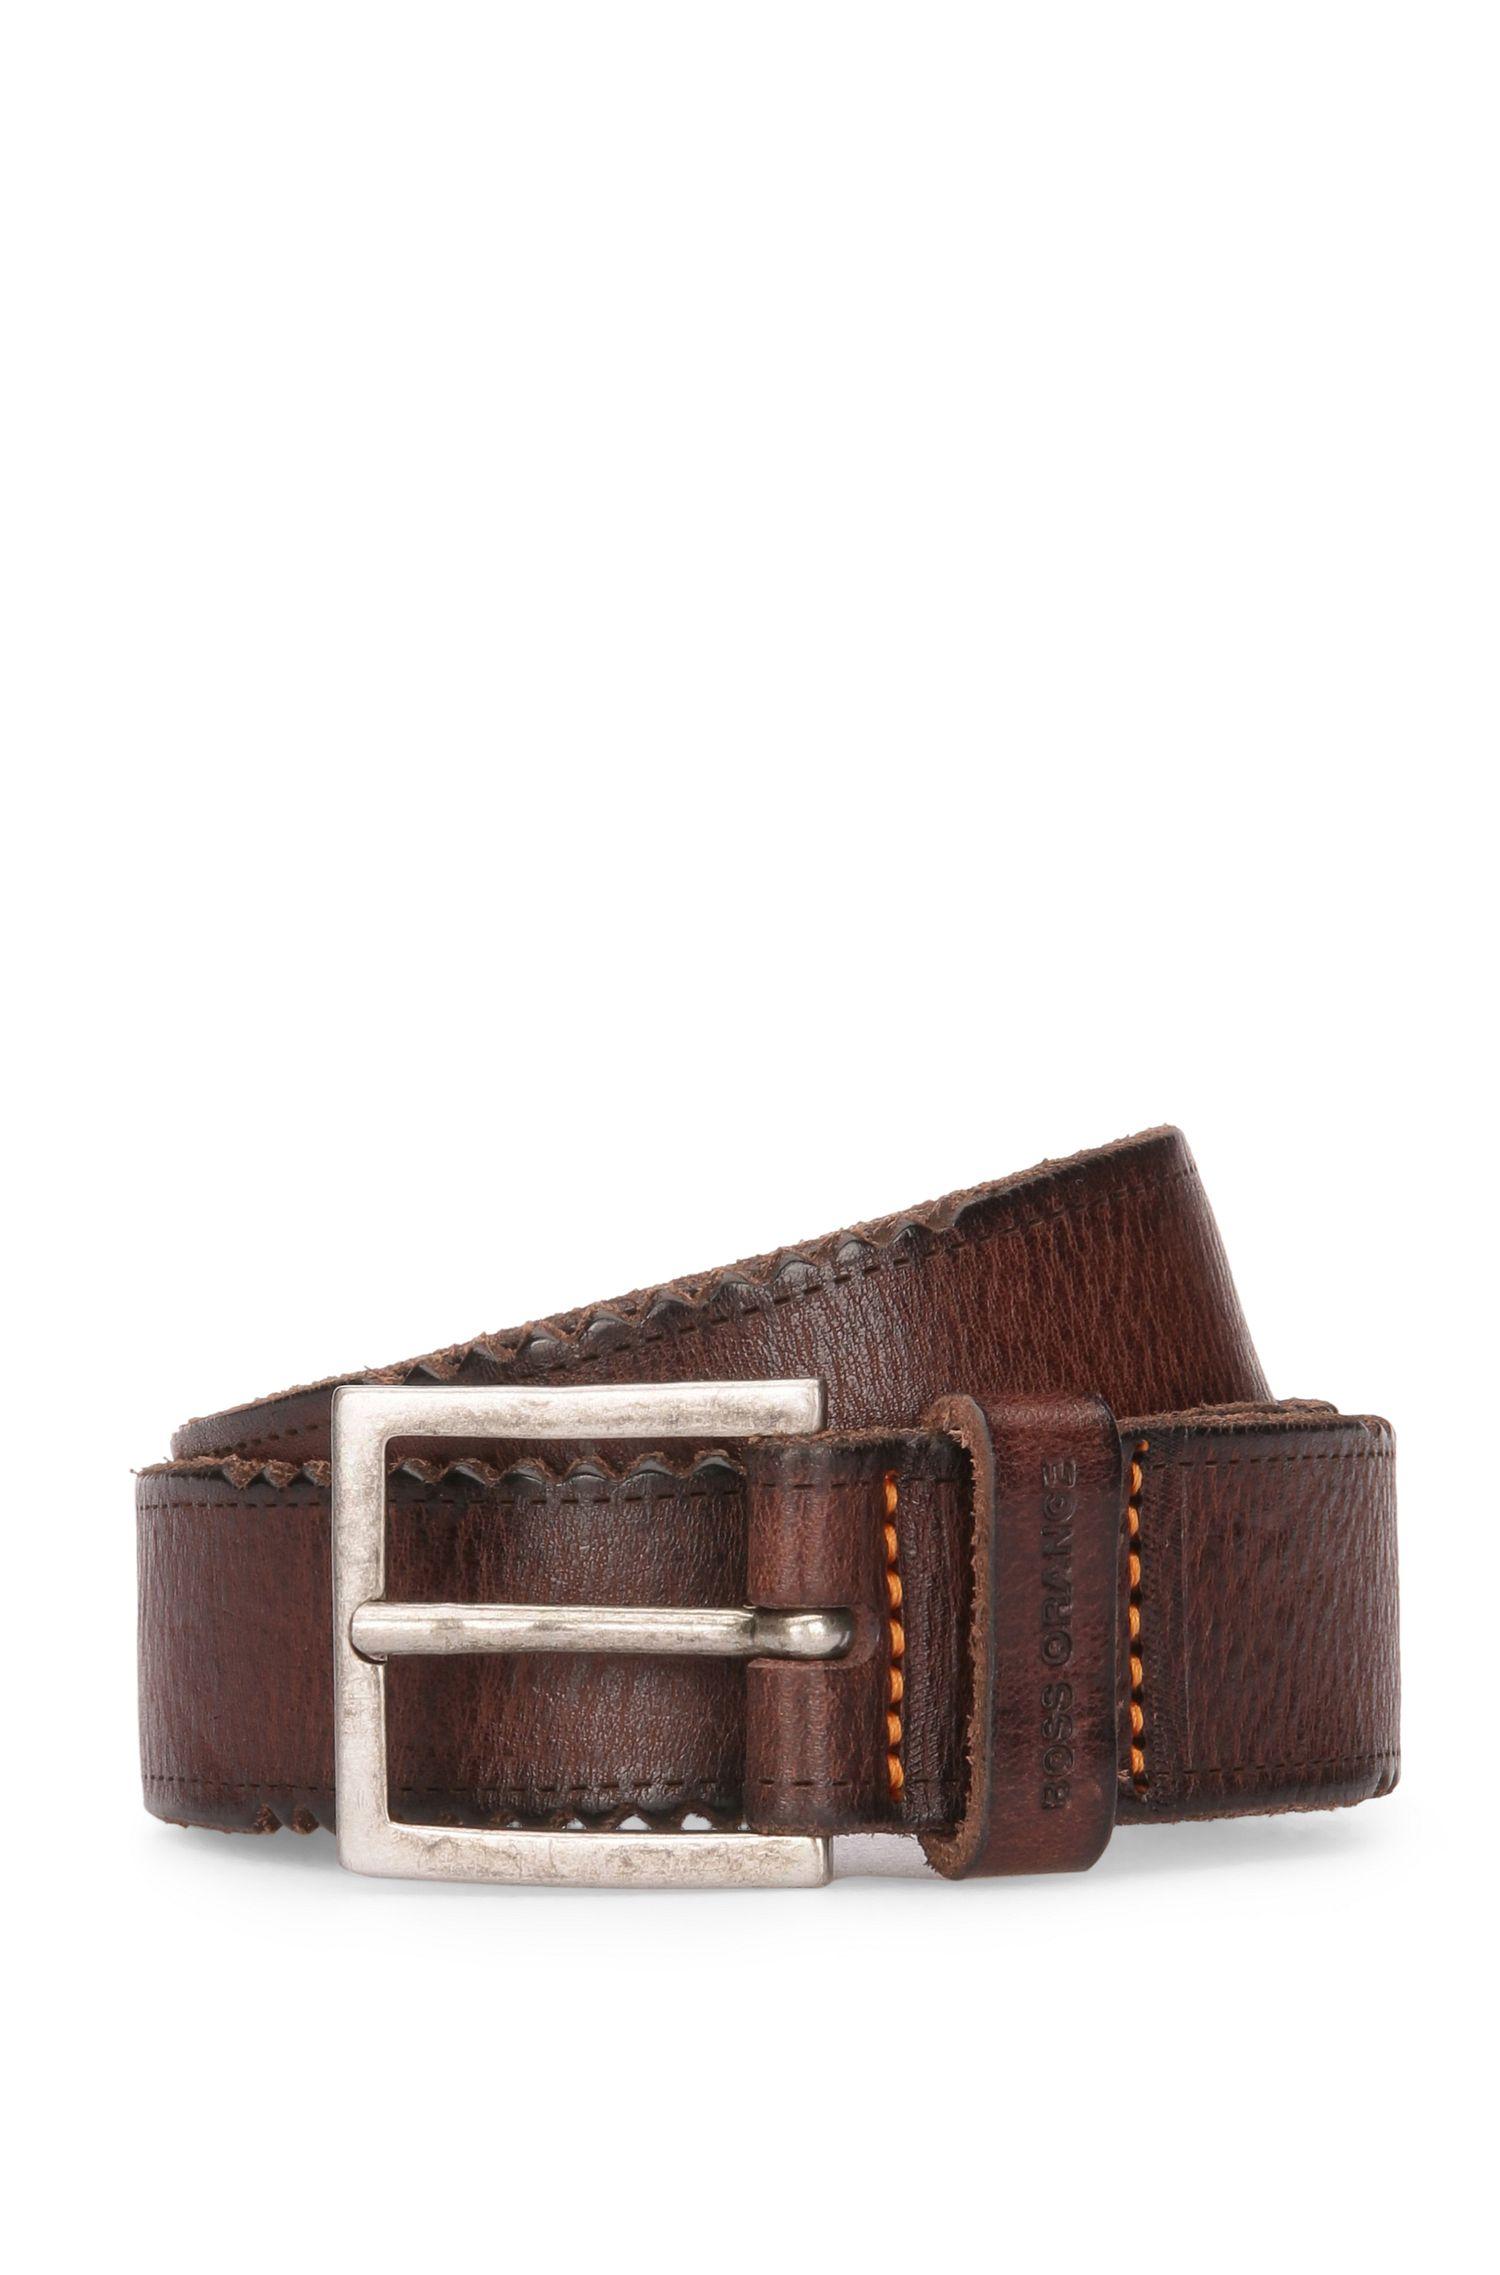 Cinturón de piel con bordes rotos